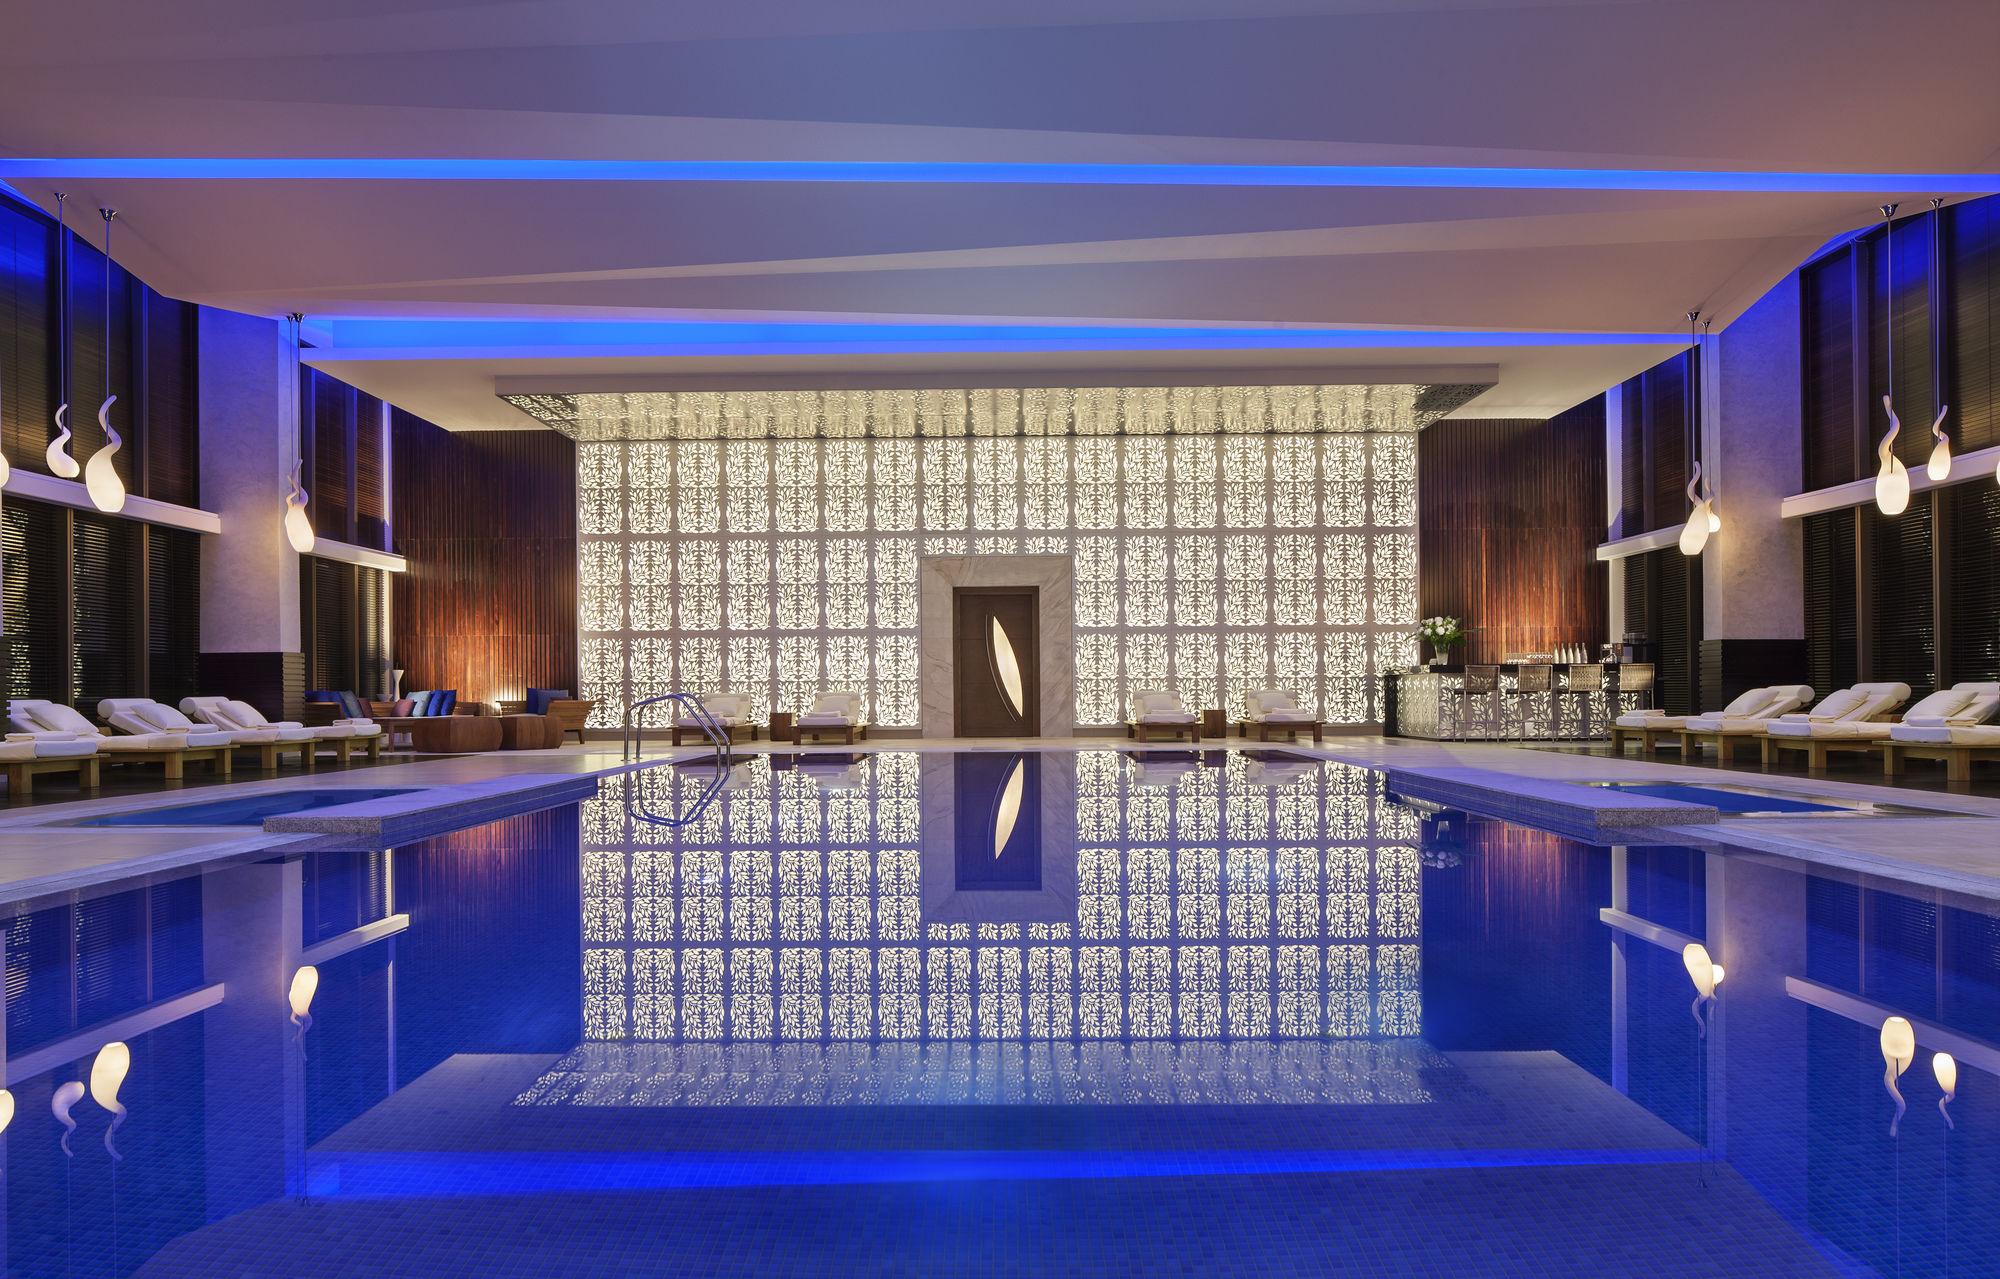 отель дизайнерских отелей 7 дизайнерских отелей в постсоветских странах 164090 4732176 134 w original